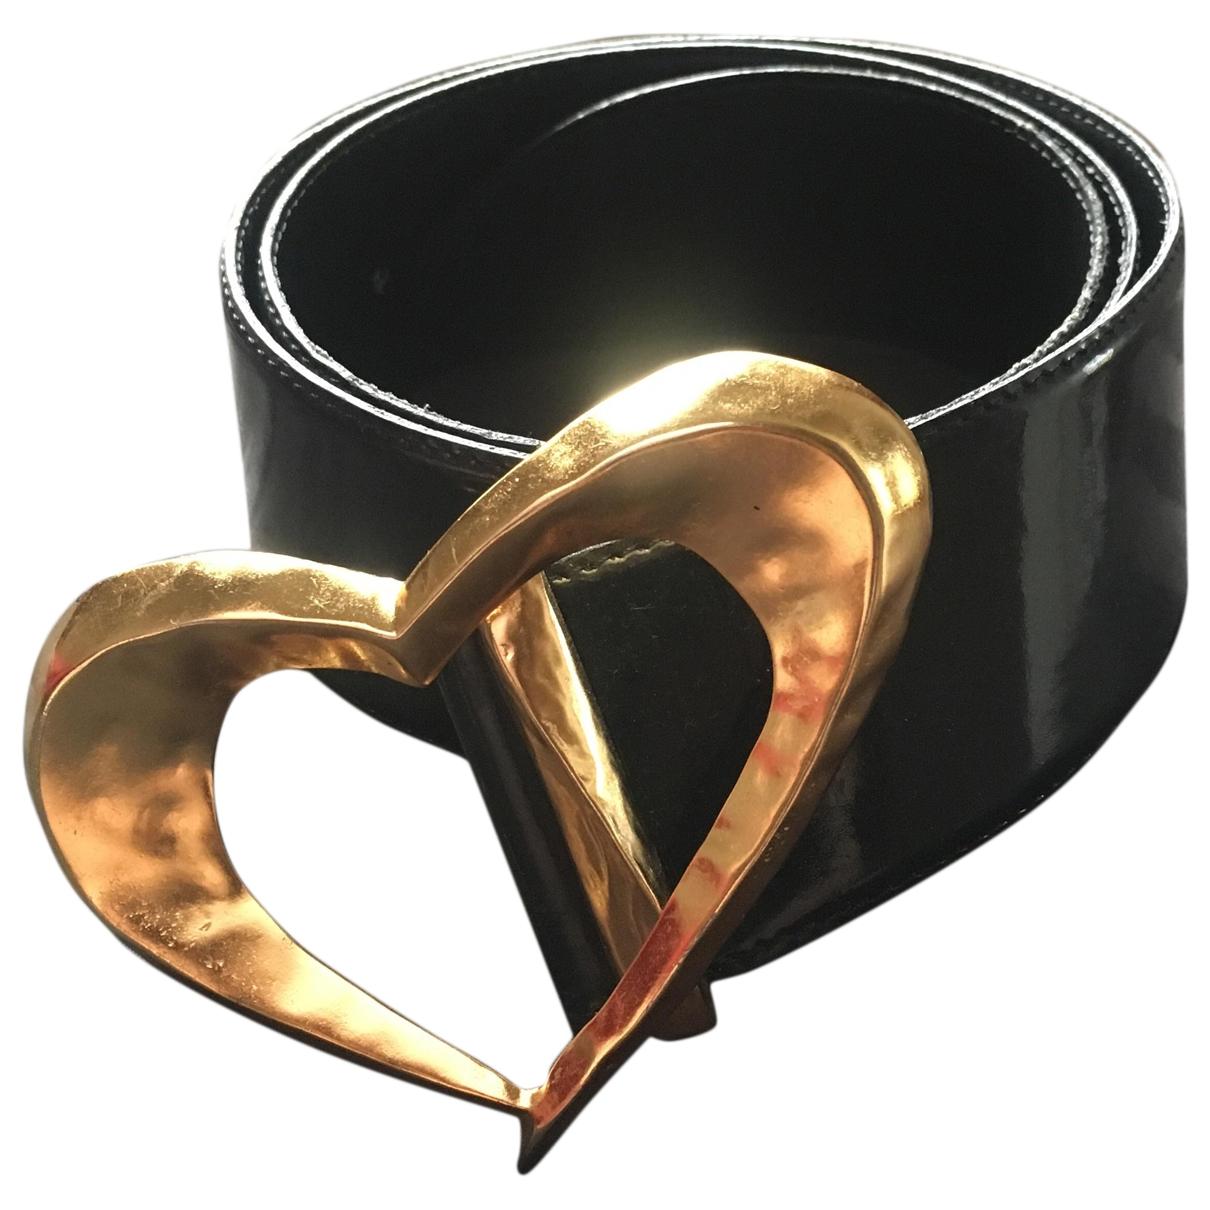 Cinturon de Charol Christian Lacroix